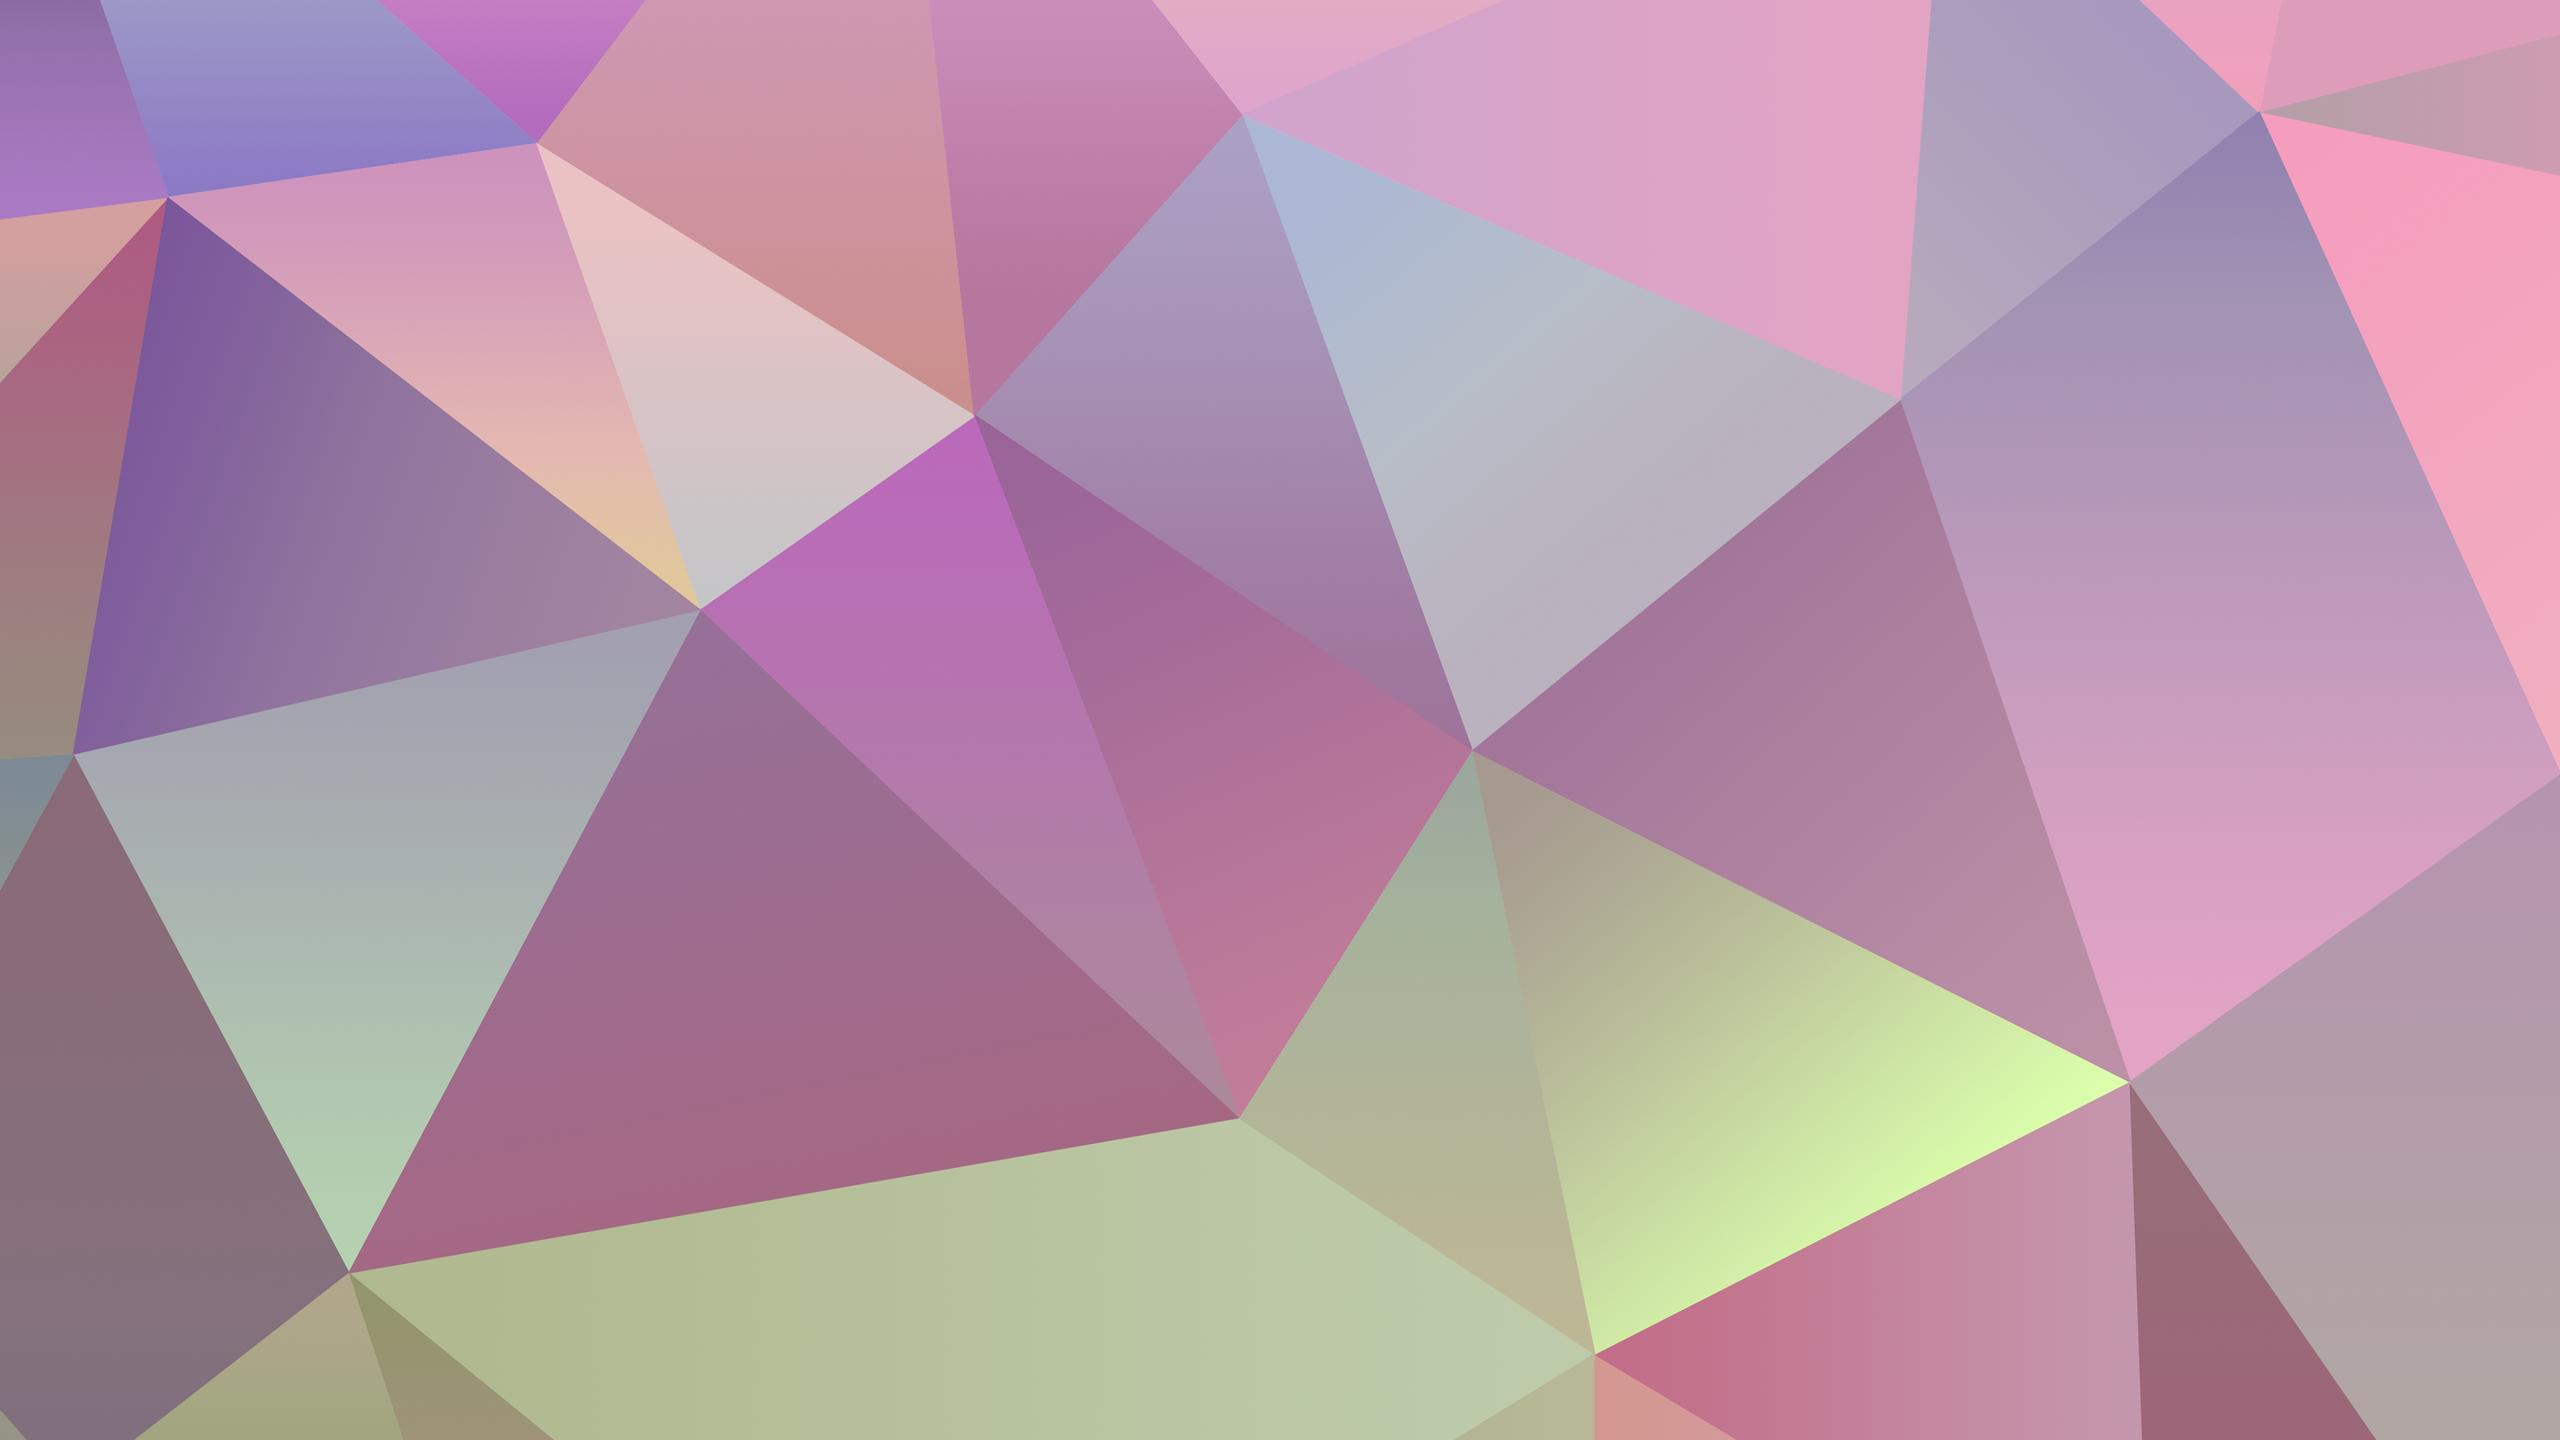 Pink Pastel Laptop Wallpapers Top Free Pink Pastel Laptop Backgrounds Wallpaperaccess